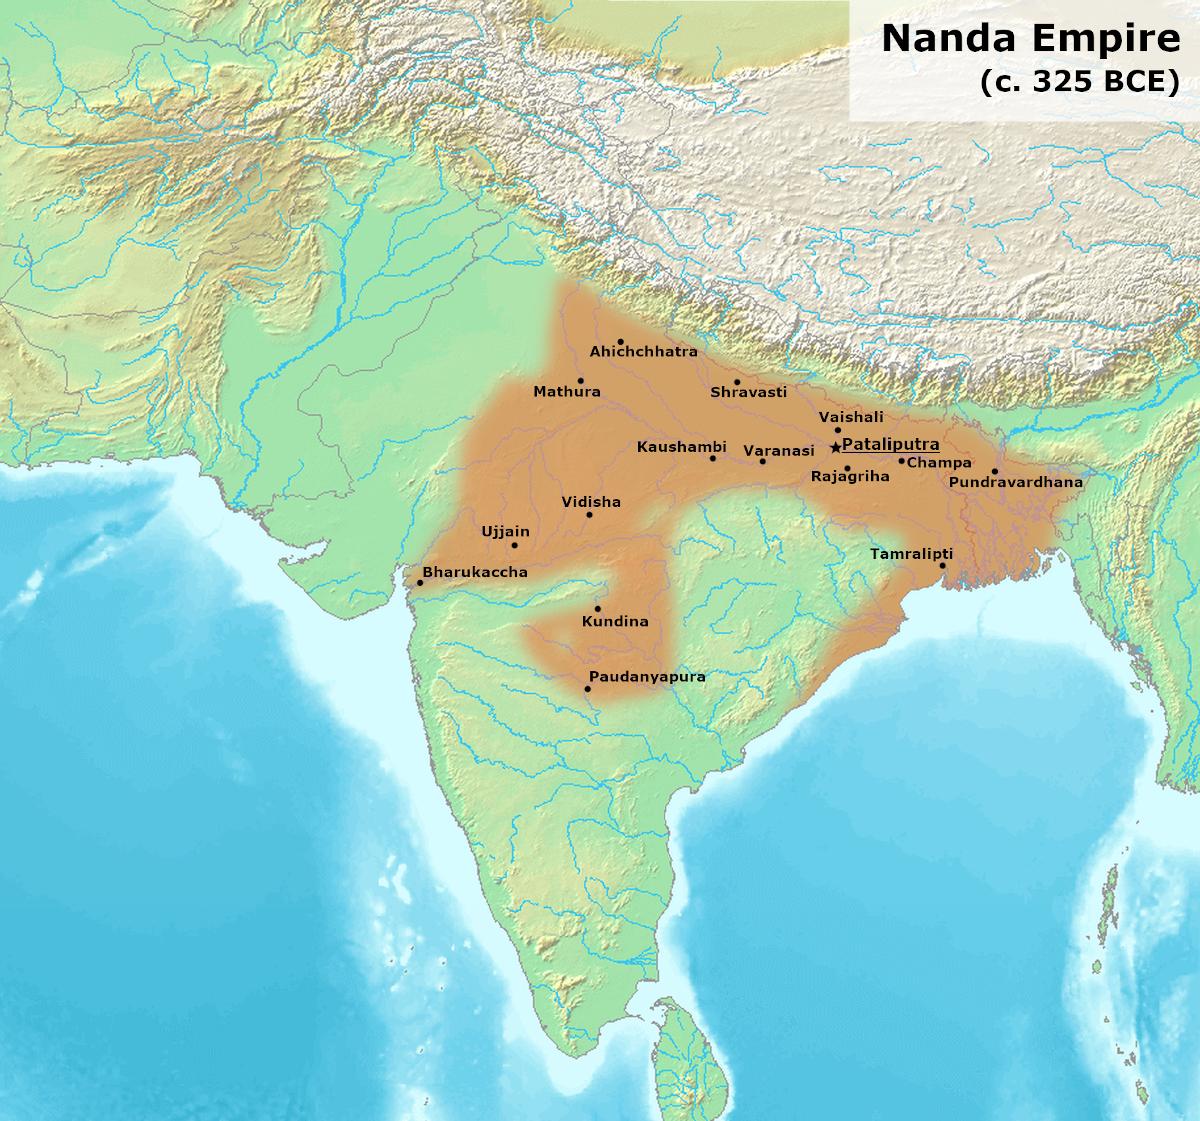 Nanda Empire